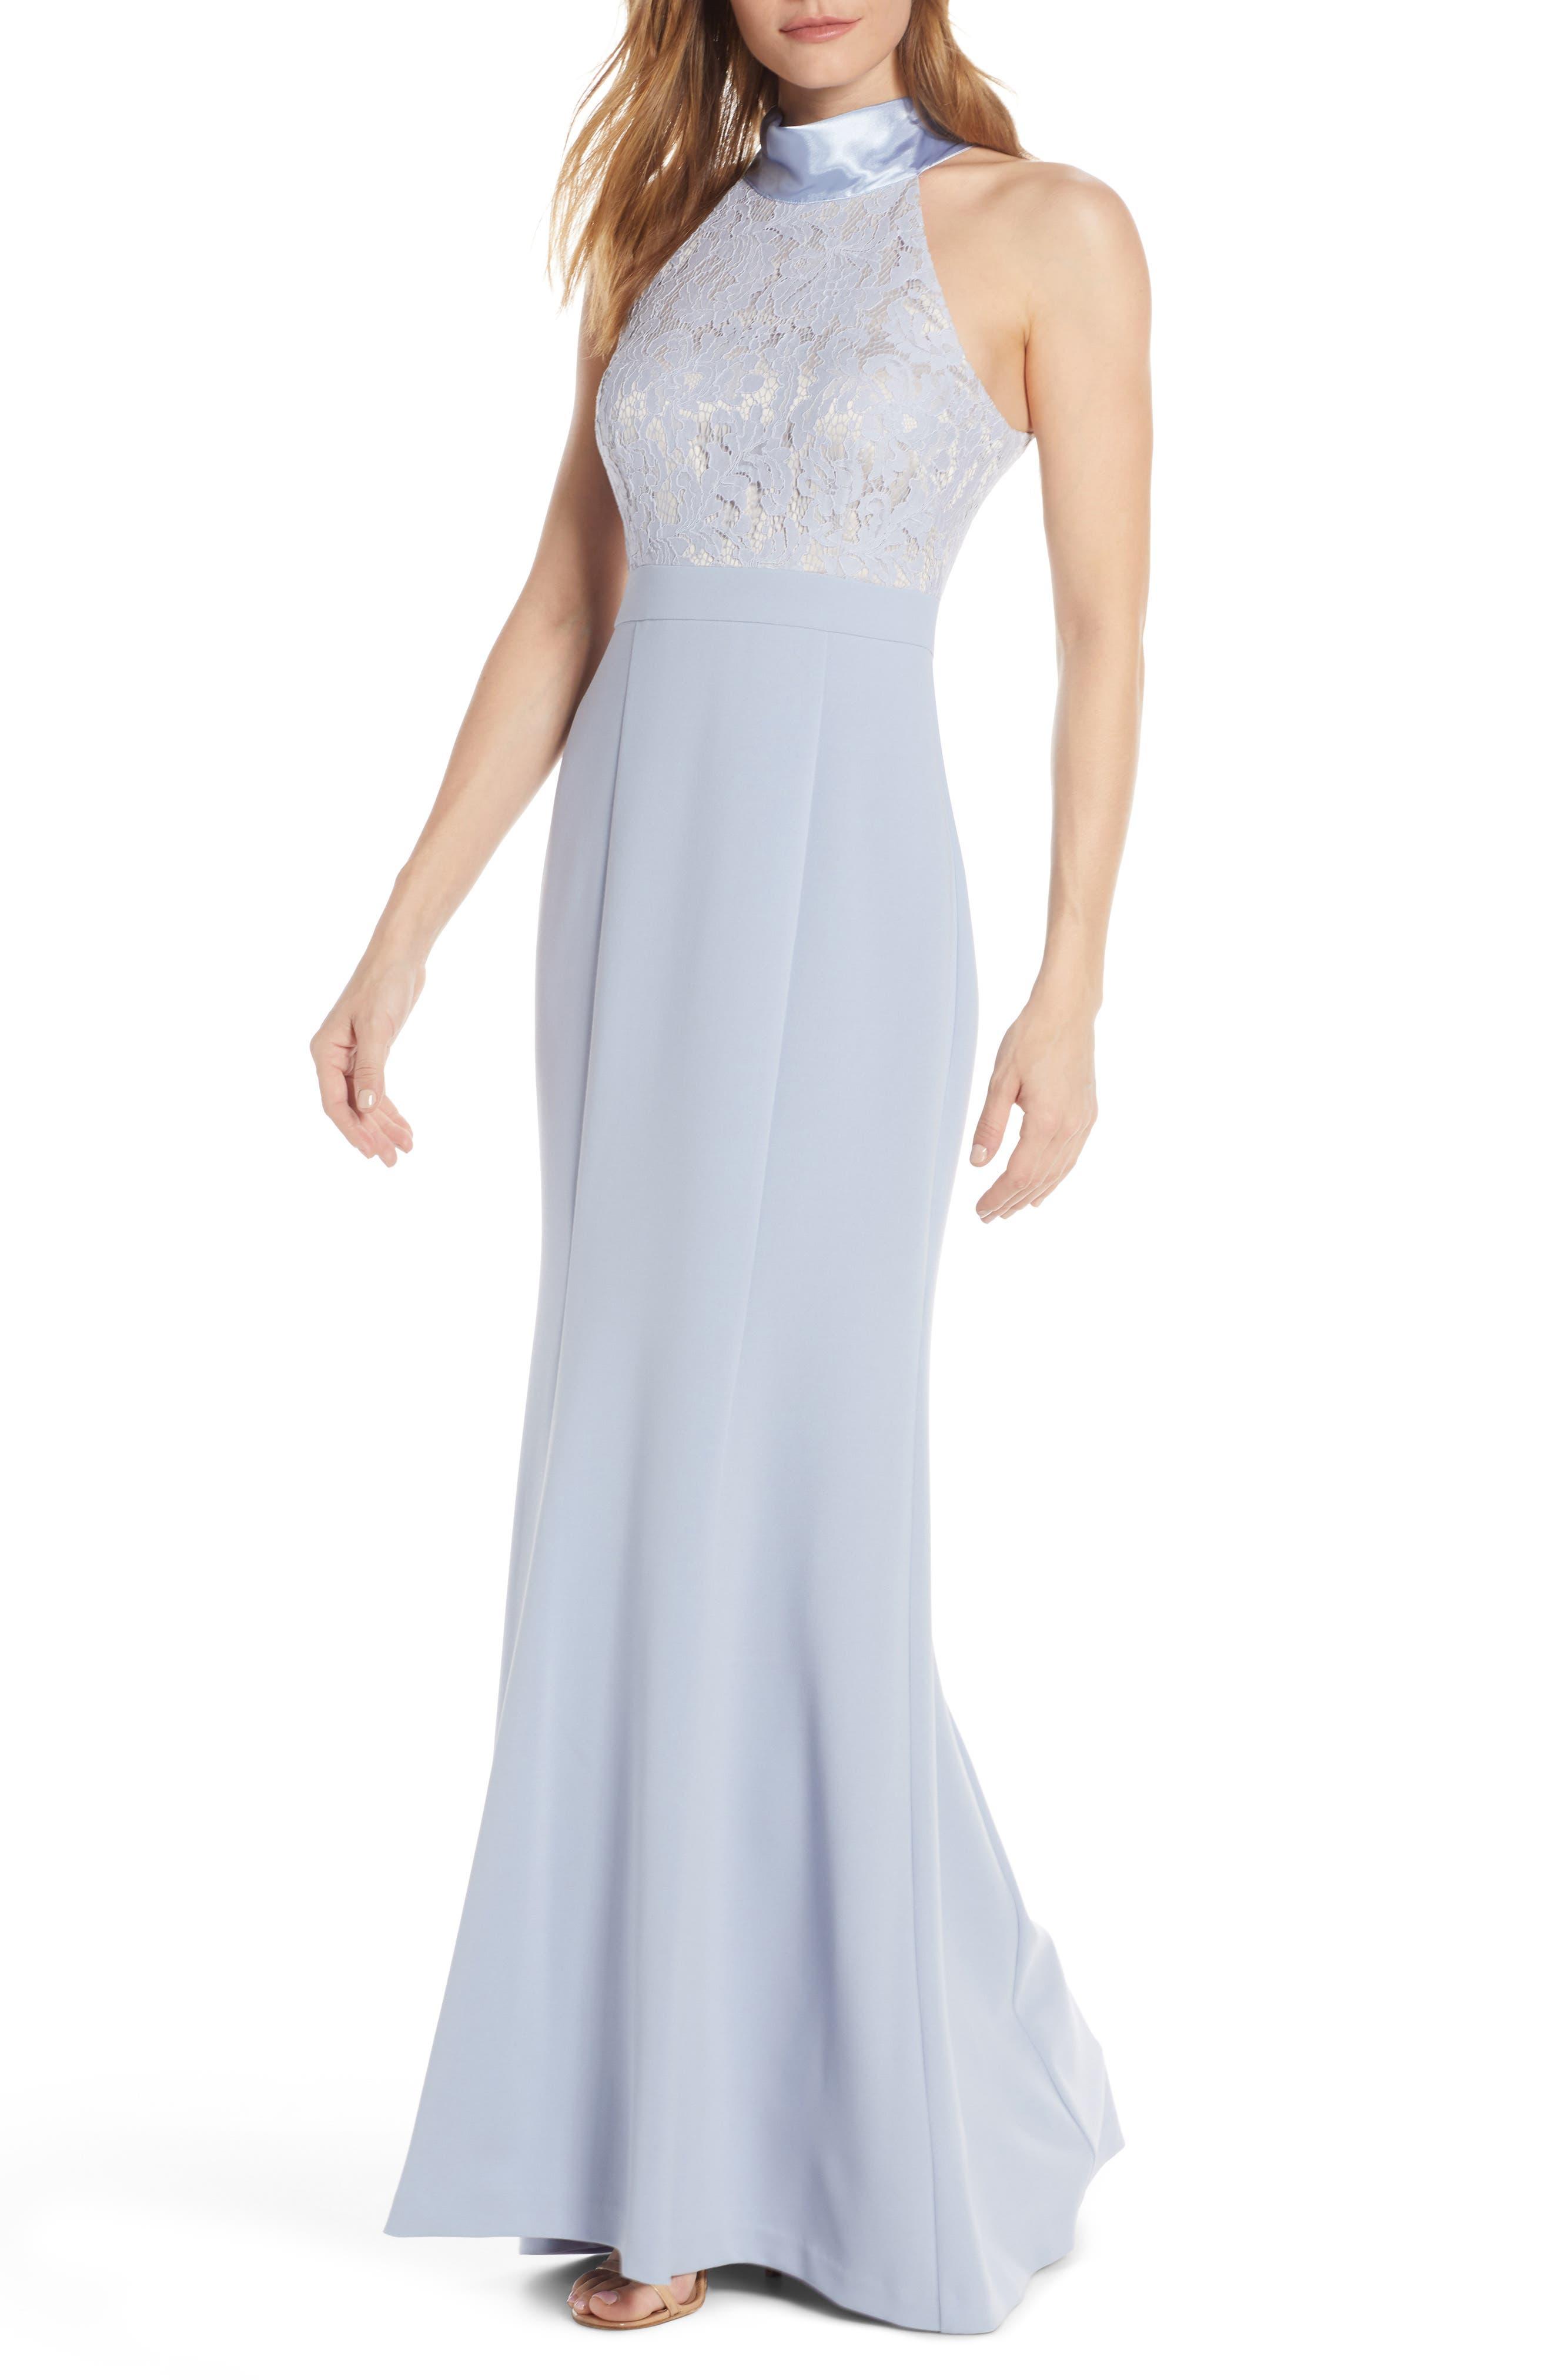 60s Dresses | 1960s Dresses Mod, Mini, Hippie Womens Eliza J Halter Neck Lace  Crepe Mermaid Gown $136.80 AT vintagedancer.com